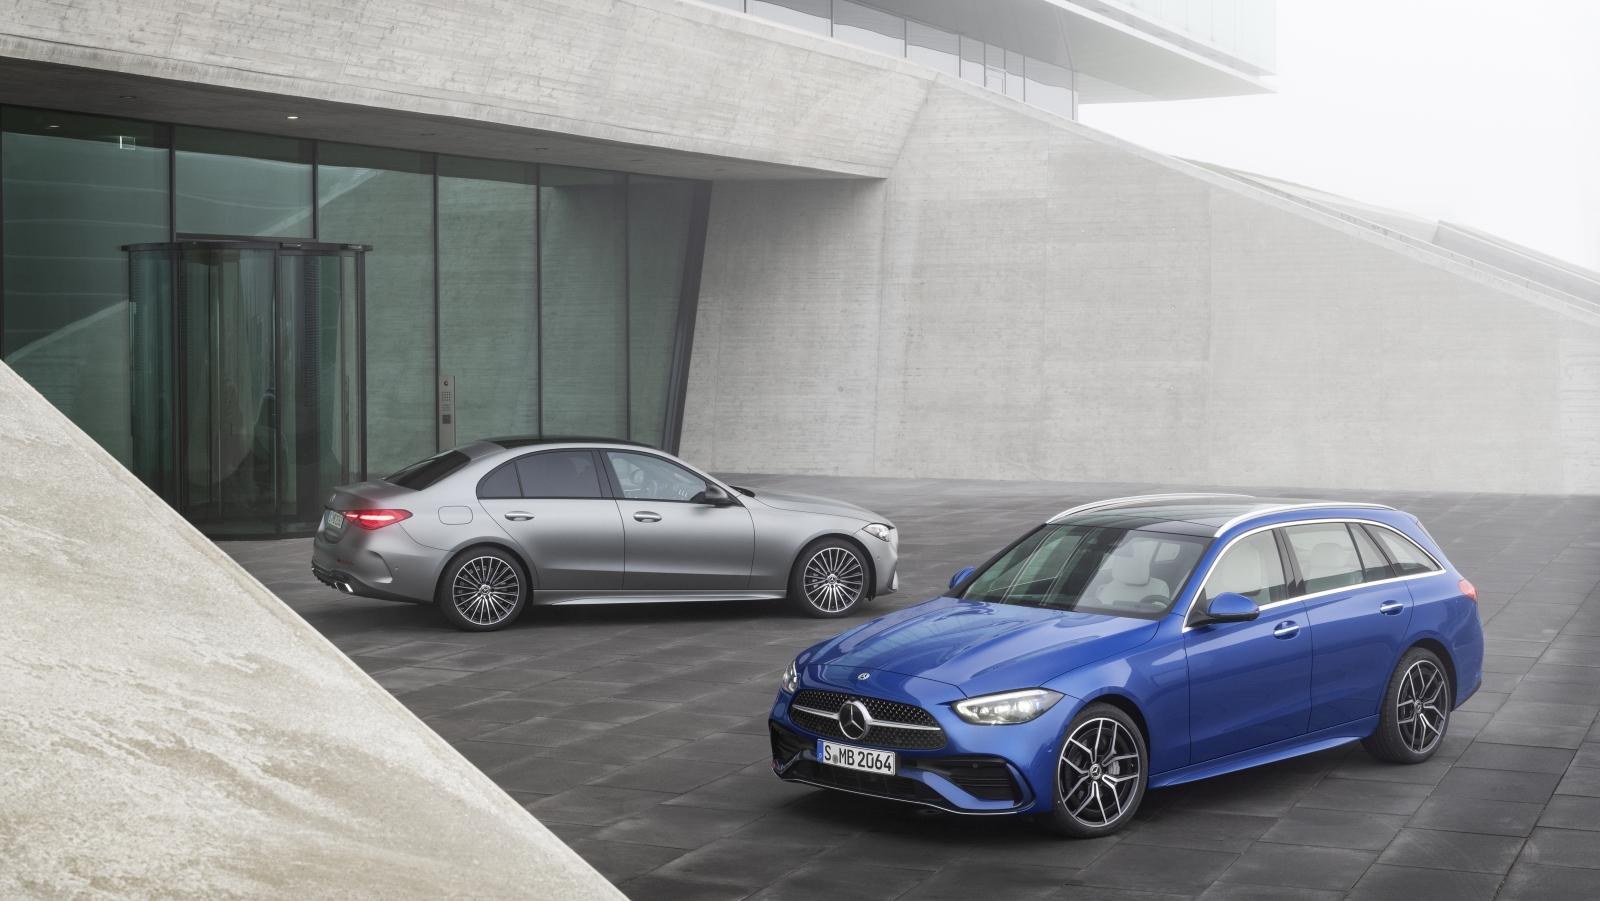 Mercedes-Benz C-Klasse, 2021Mercedes-Benz C-Class, 2021